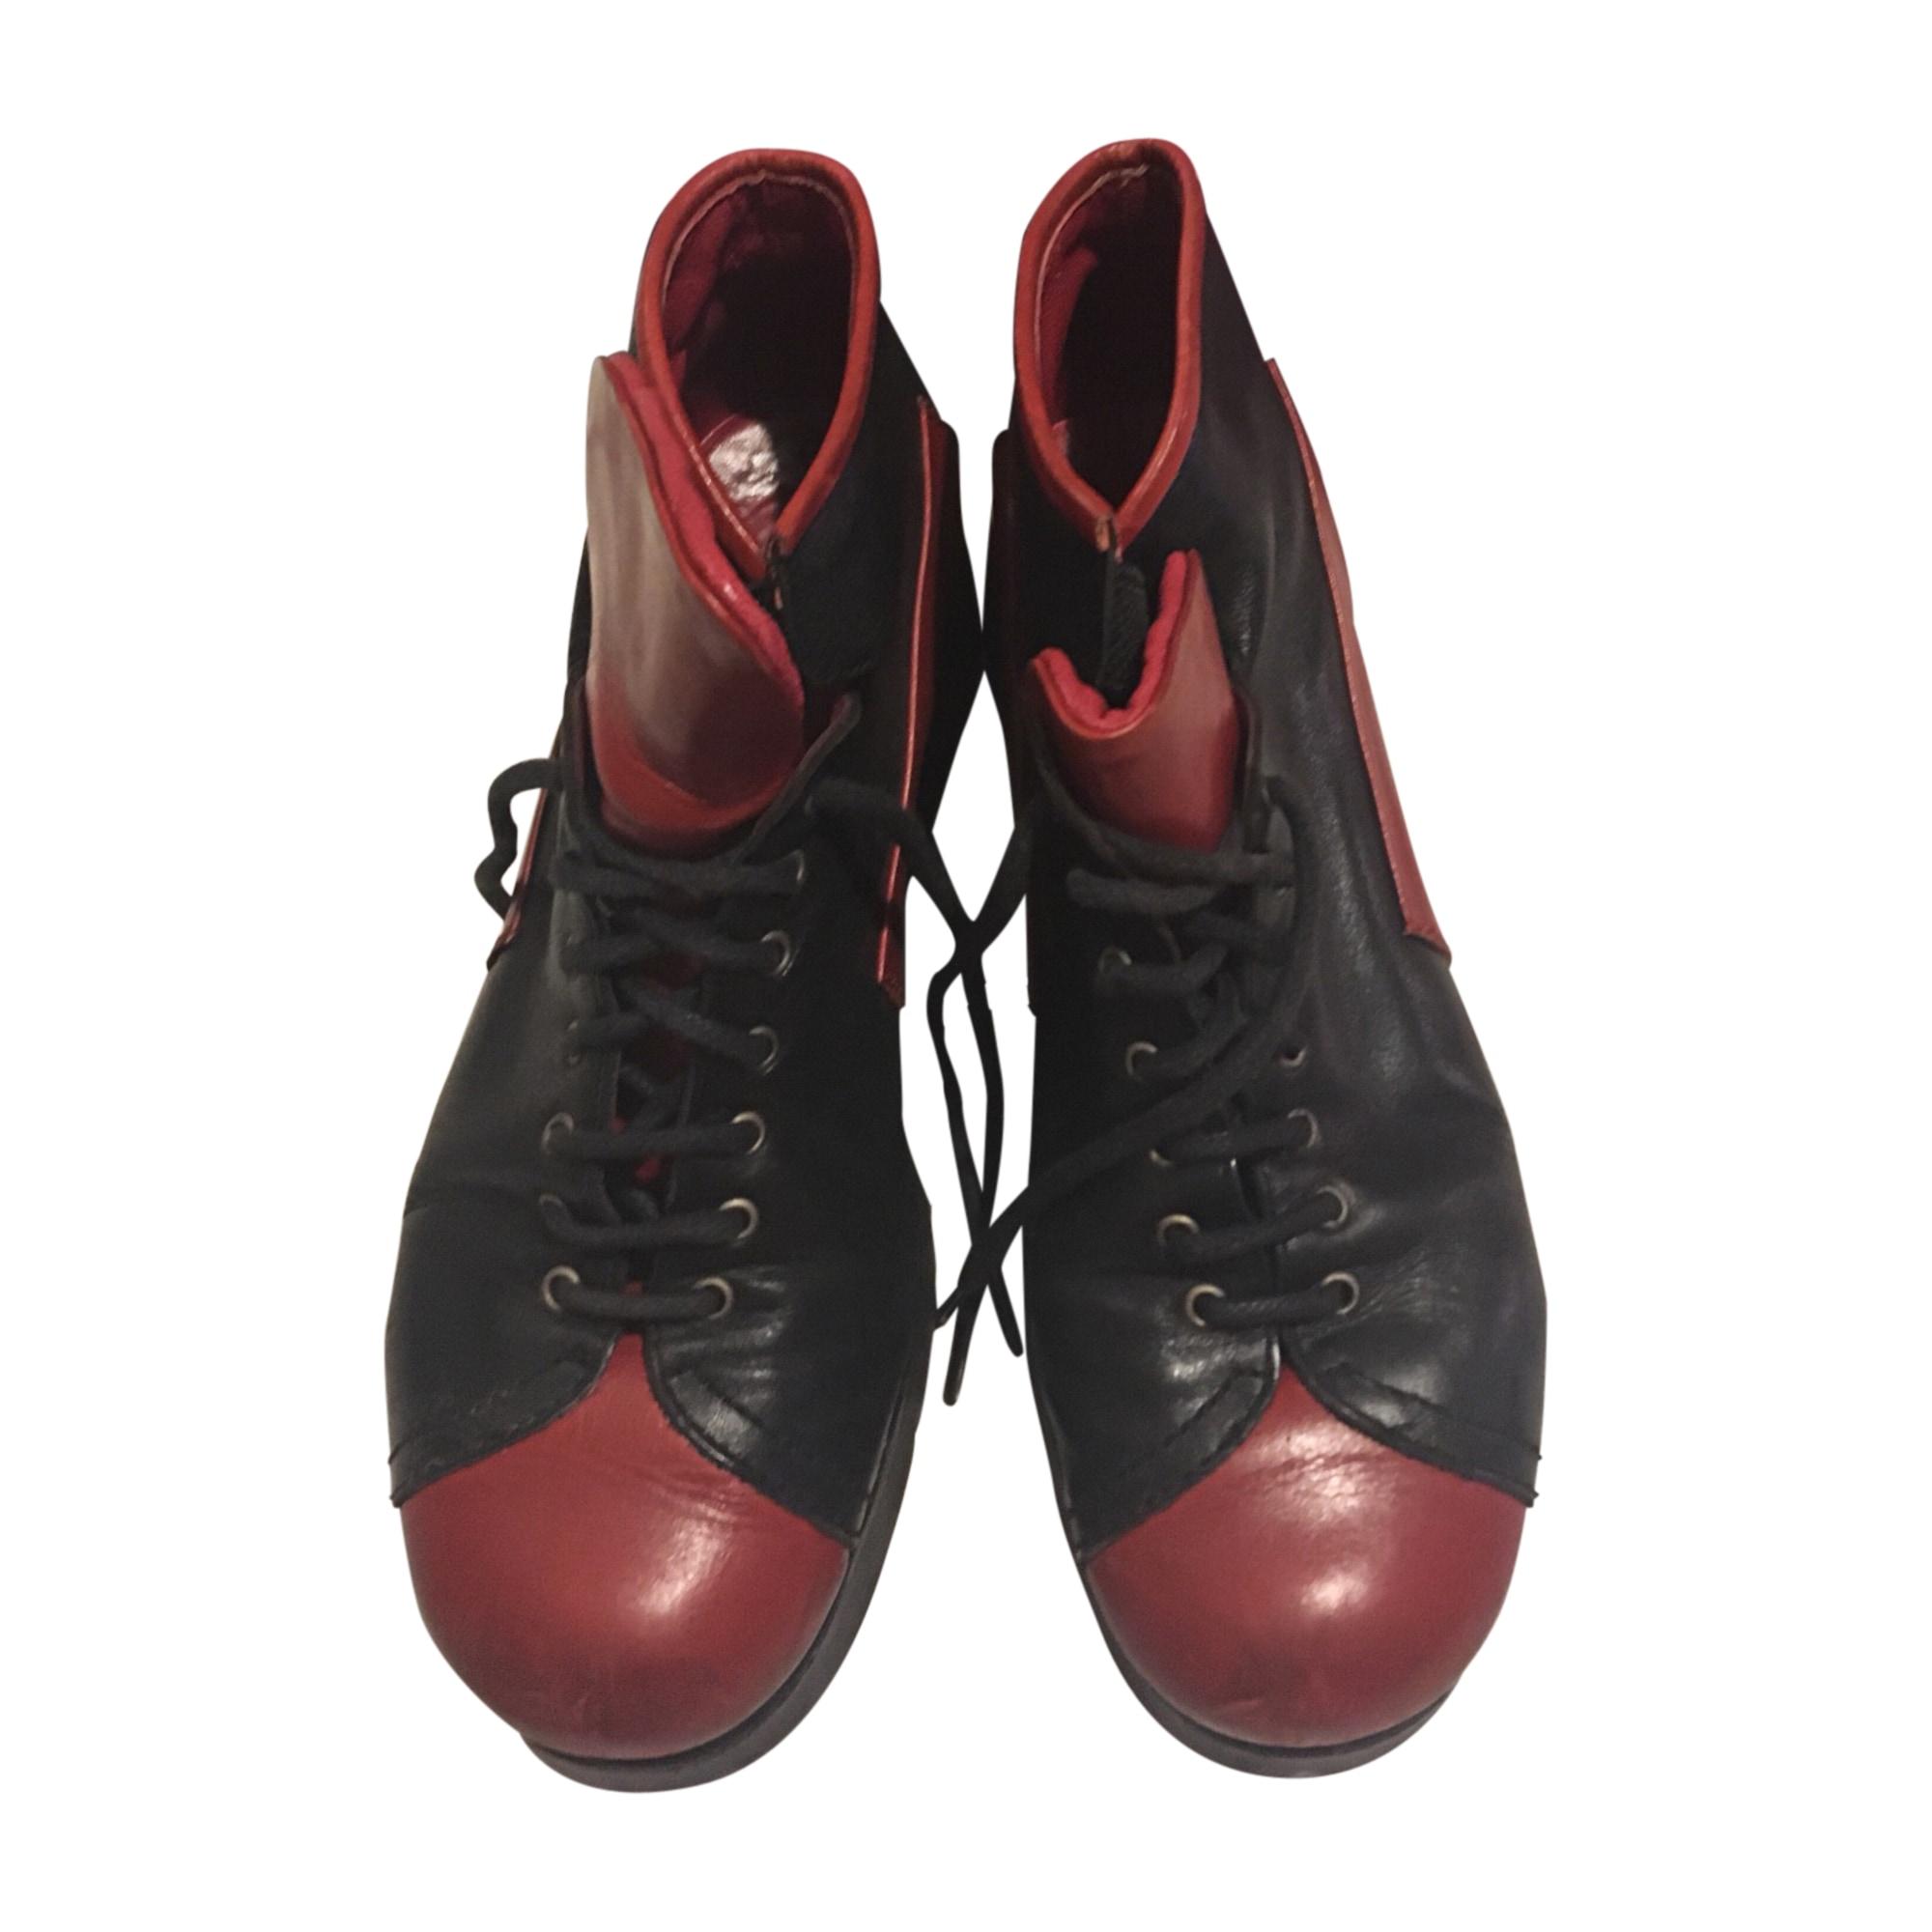 Sneakers KENZO Red, burgundy